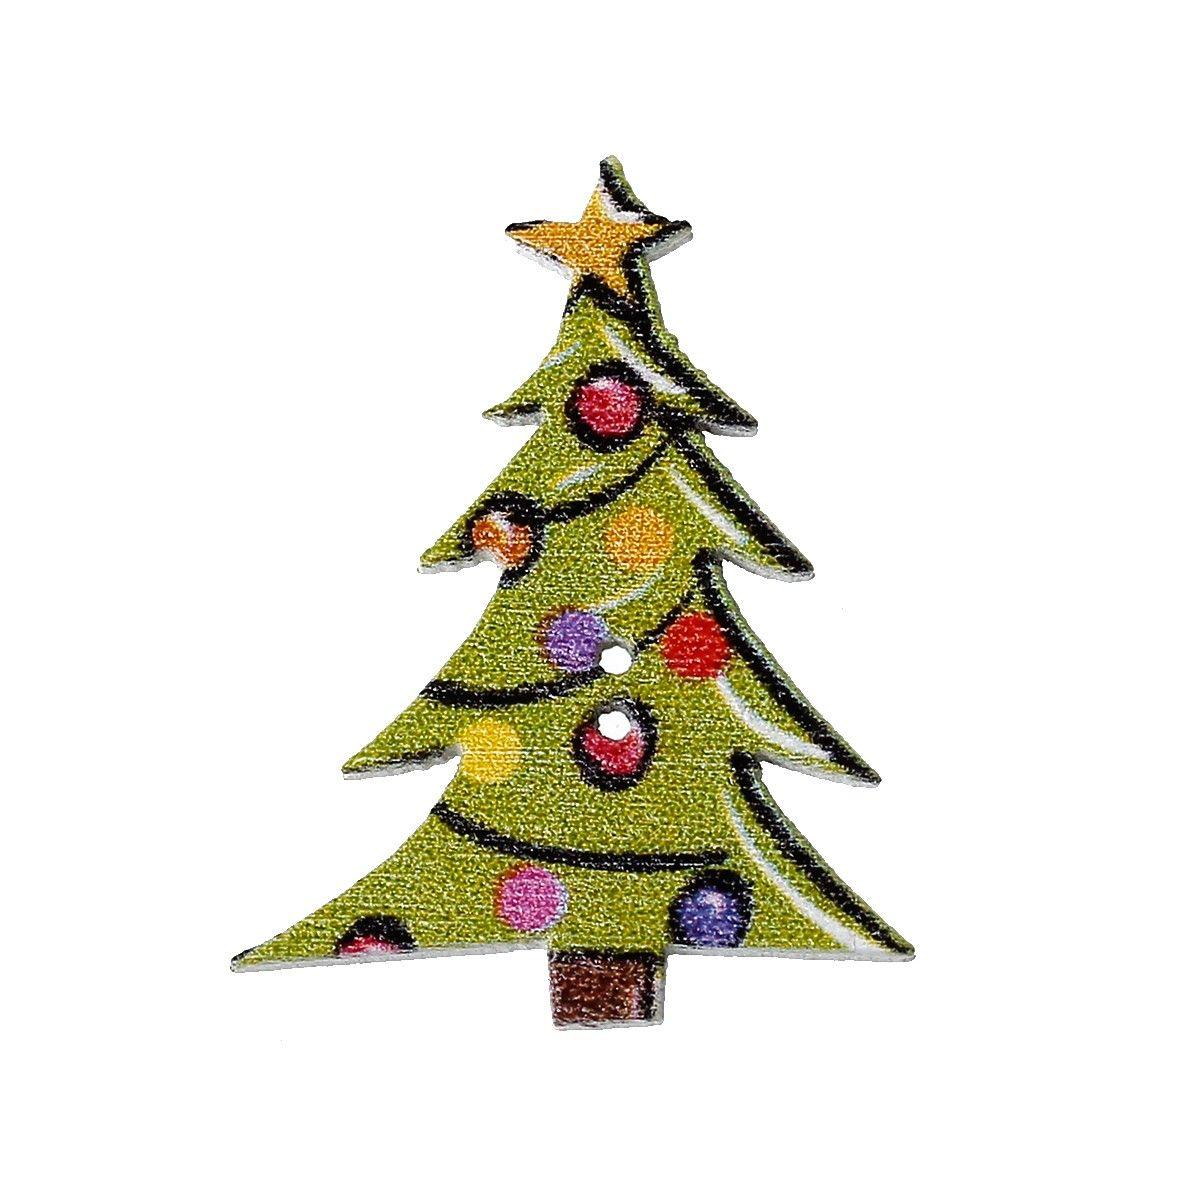 Holzknöpfe Weihnachten, Weihnachtsbaum - 10 Stk.